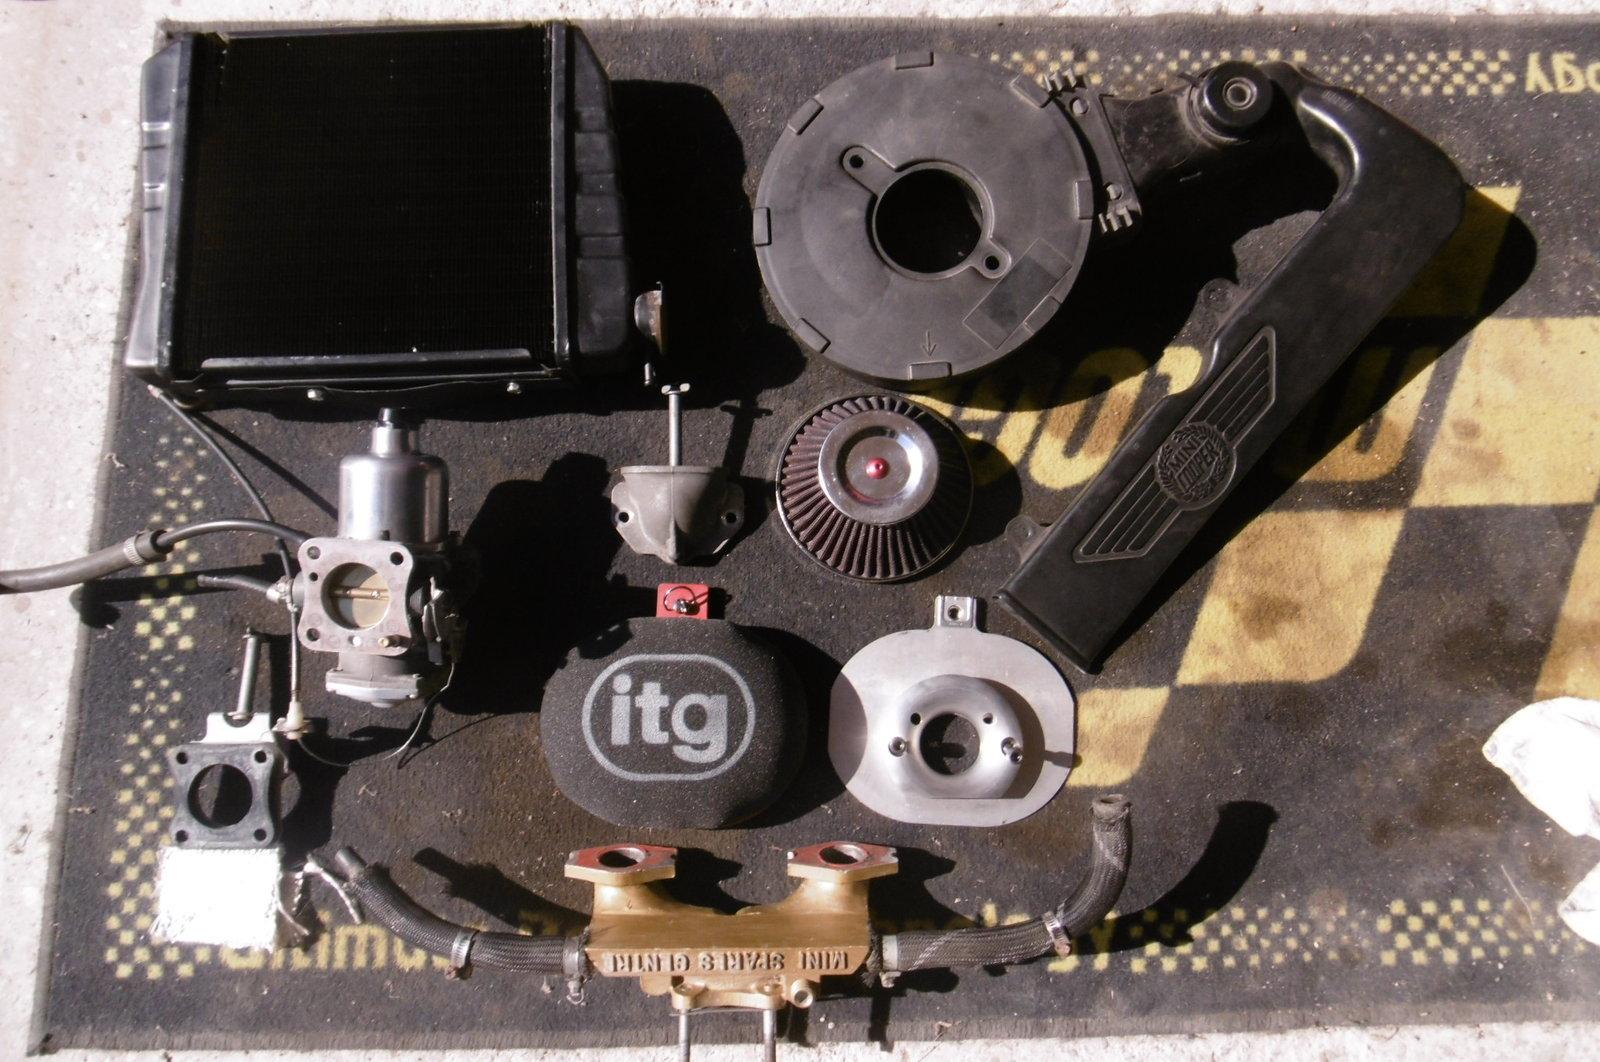 [VDS] Diverse pièces carburation, radiateur, échappement 191023062055217851